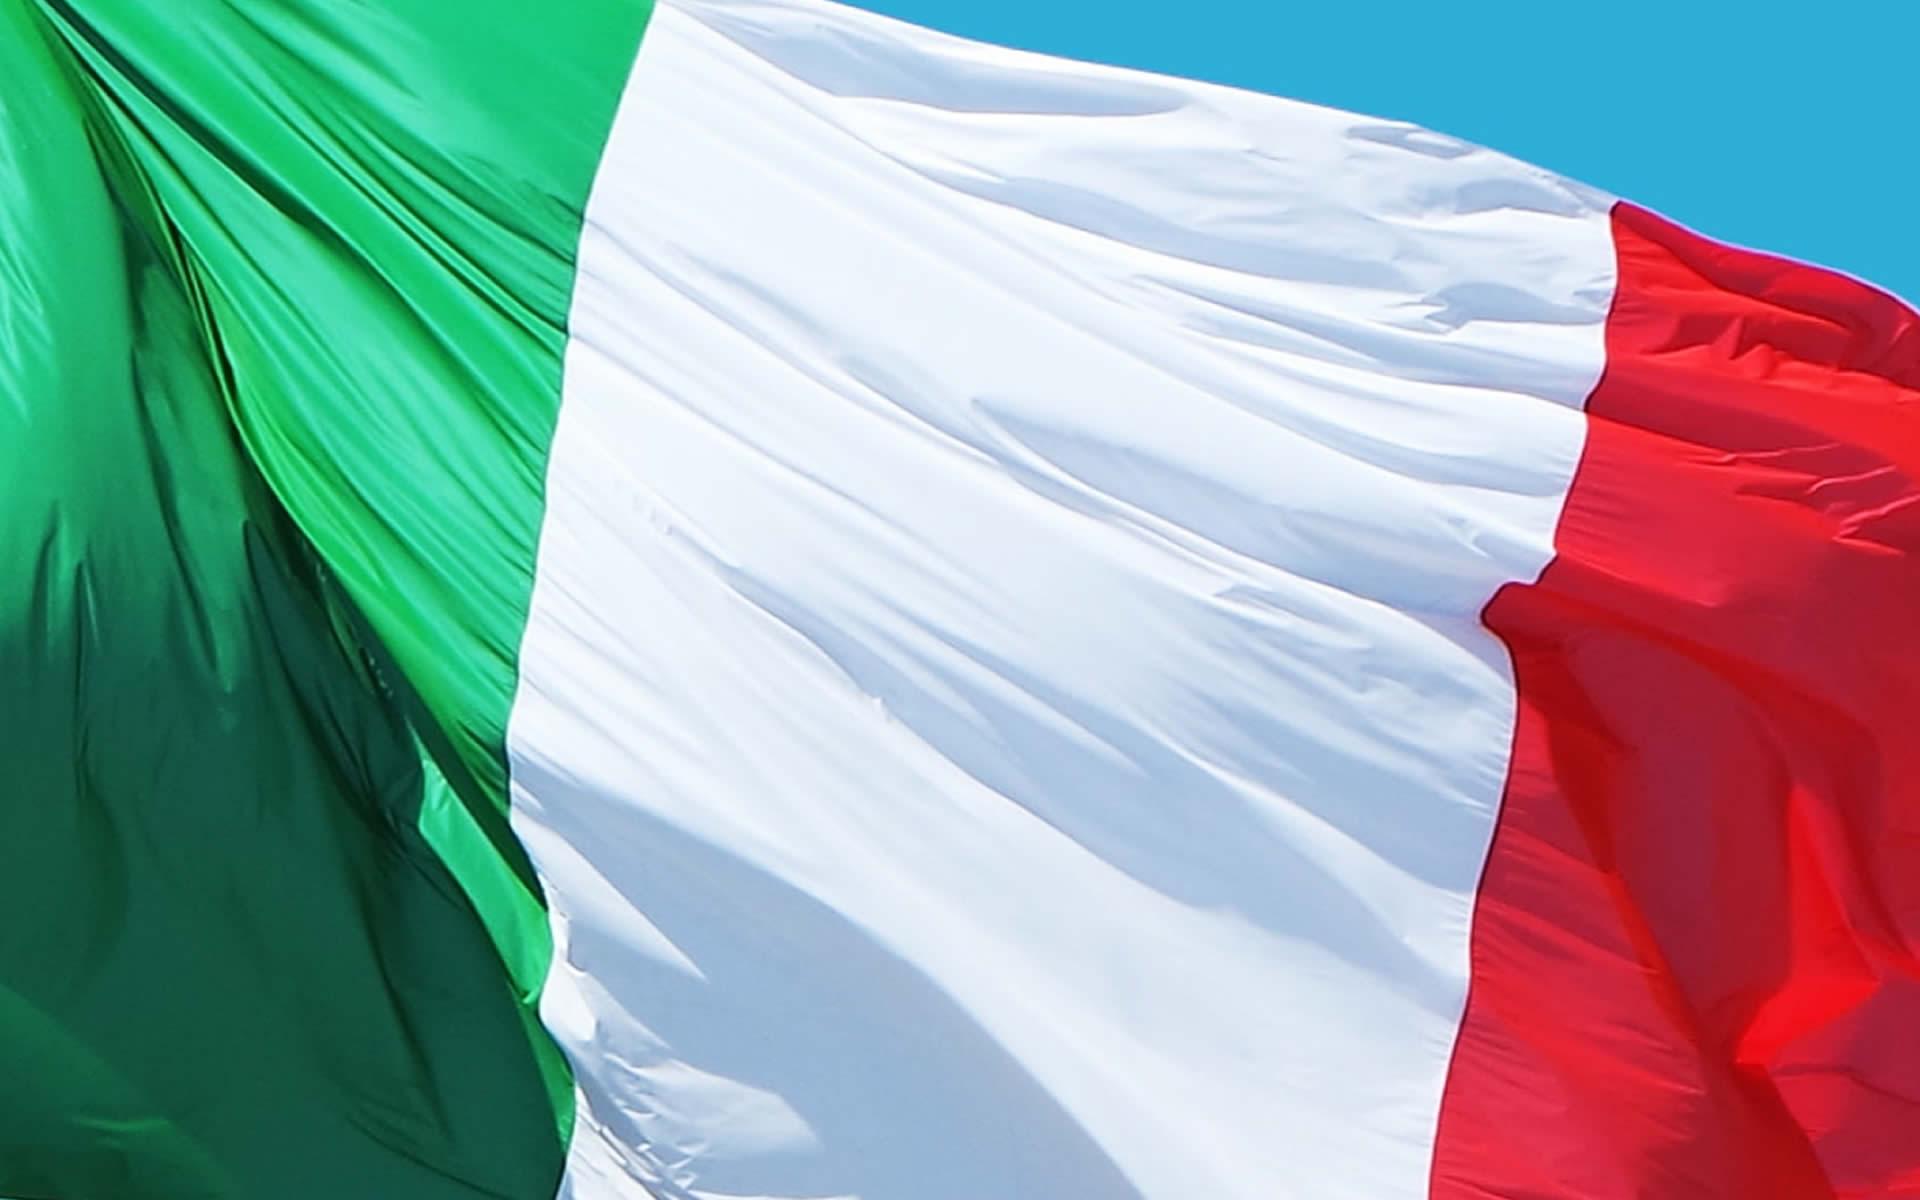 Riciclo dei rifiuti, l'Italia è regina in Europa